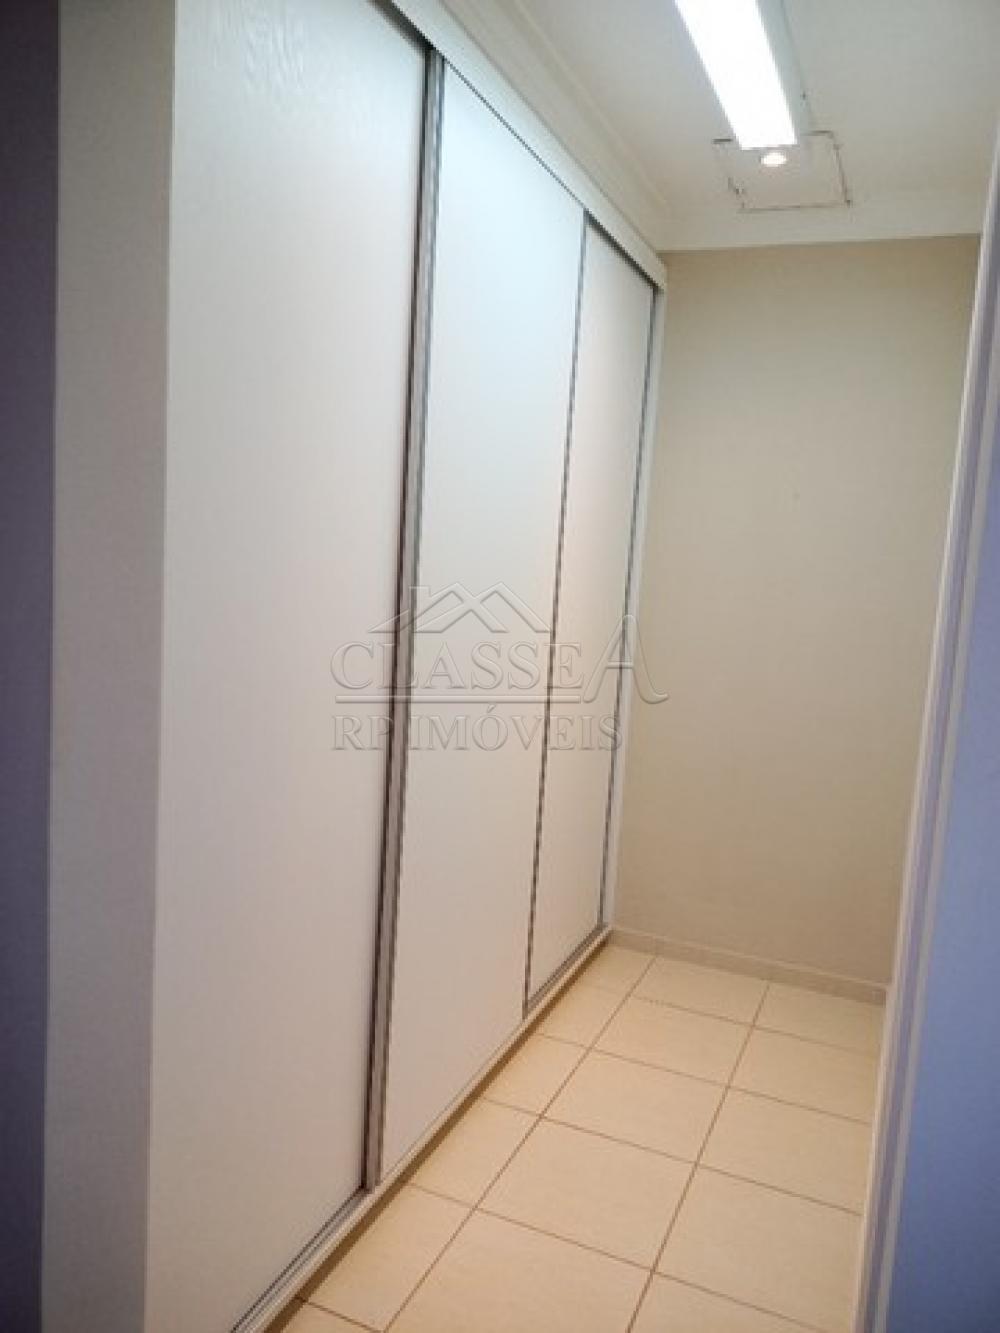 Comprar Casa / Sobrado em Ribeirão Preto R$ 640.000,00 - Foto 19